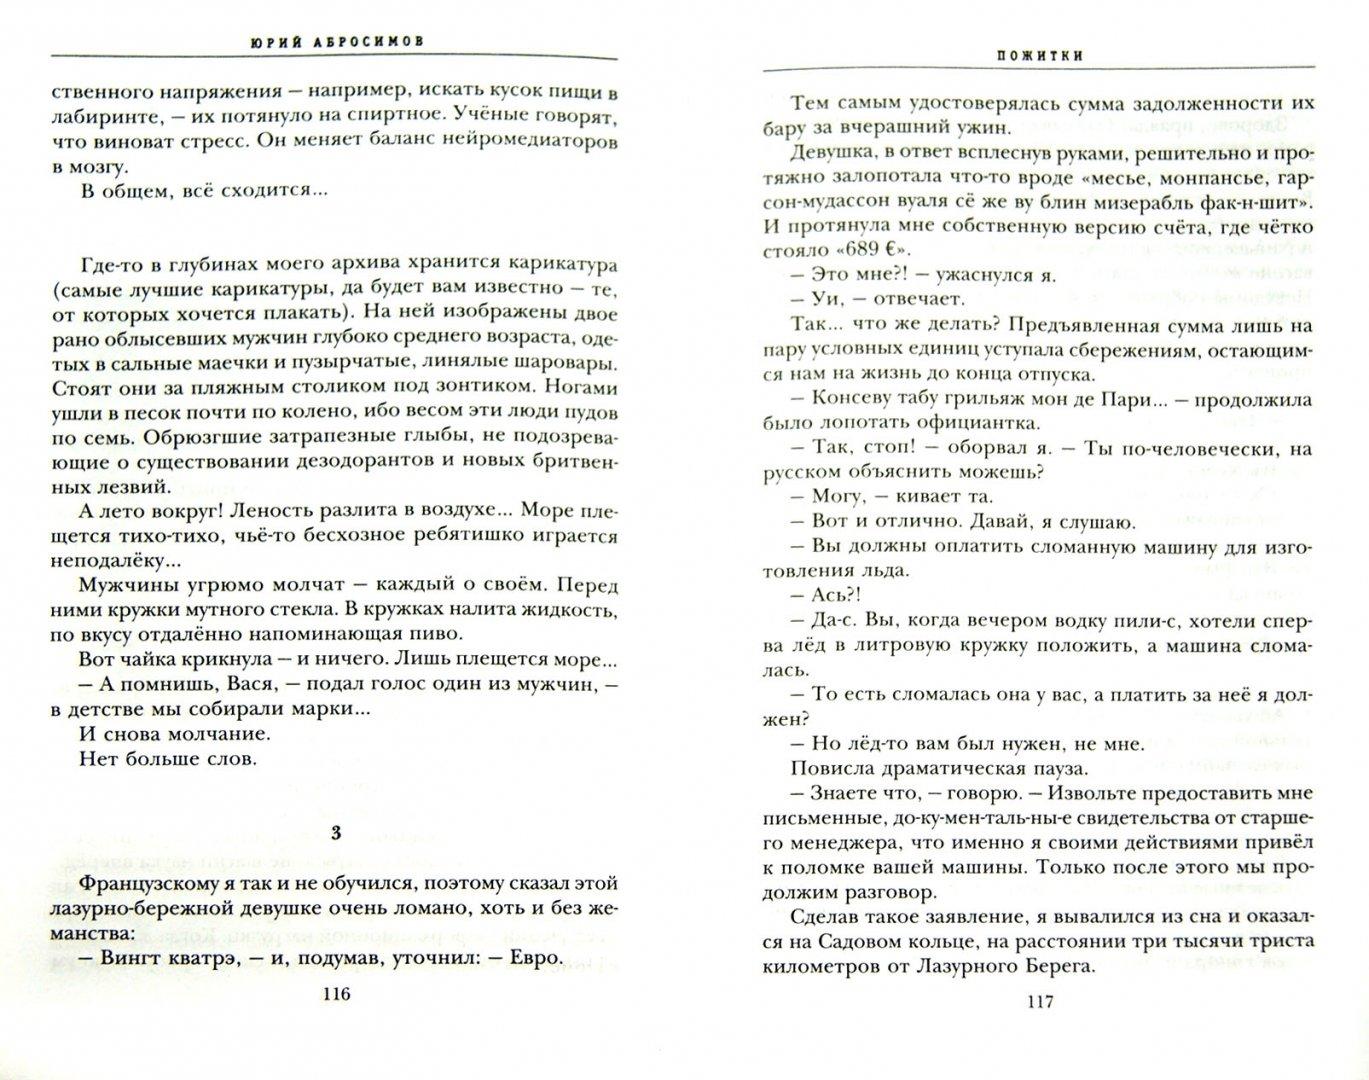 Иллюстрация 1 из 11 для Пожитки - Юрий Абросимов | Лабиринт - книги. Источник: Лабиринт